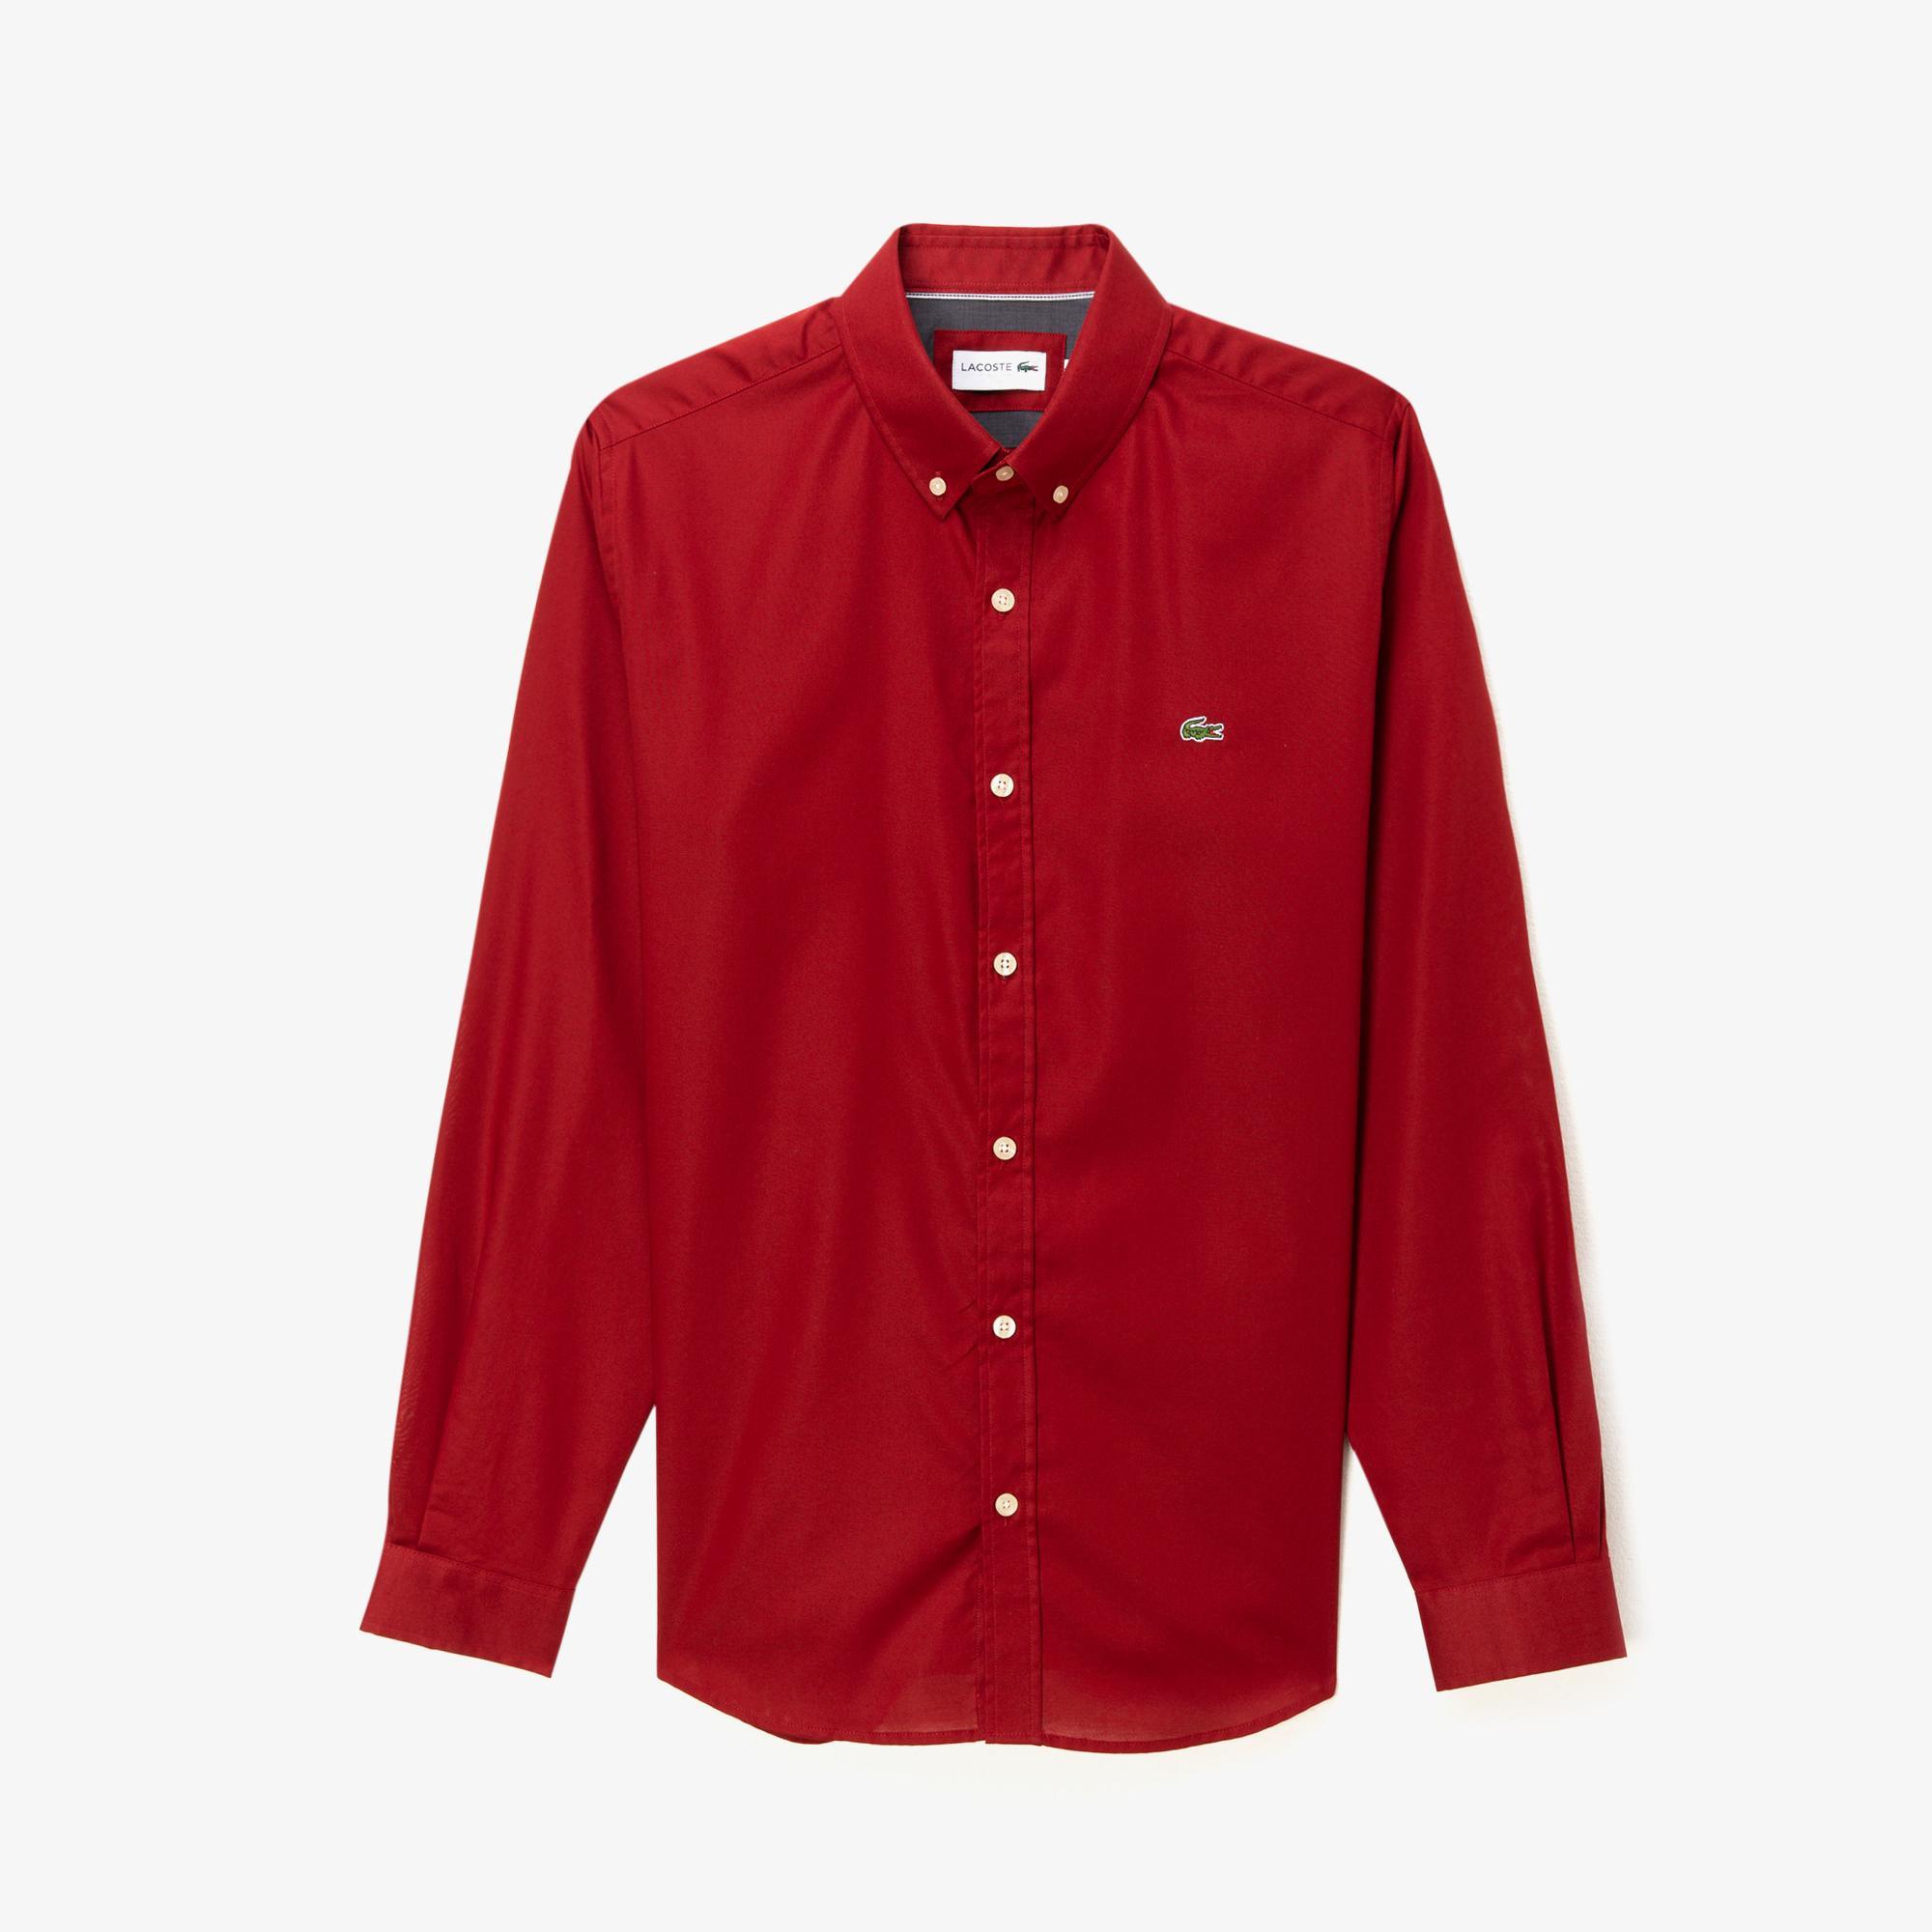 Lacoste Erkek Slim Fit Kırmızı Gömlek